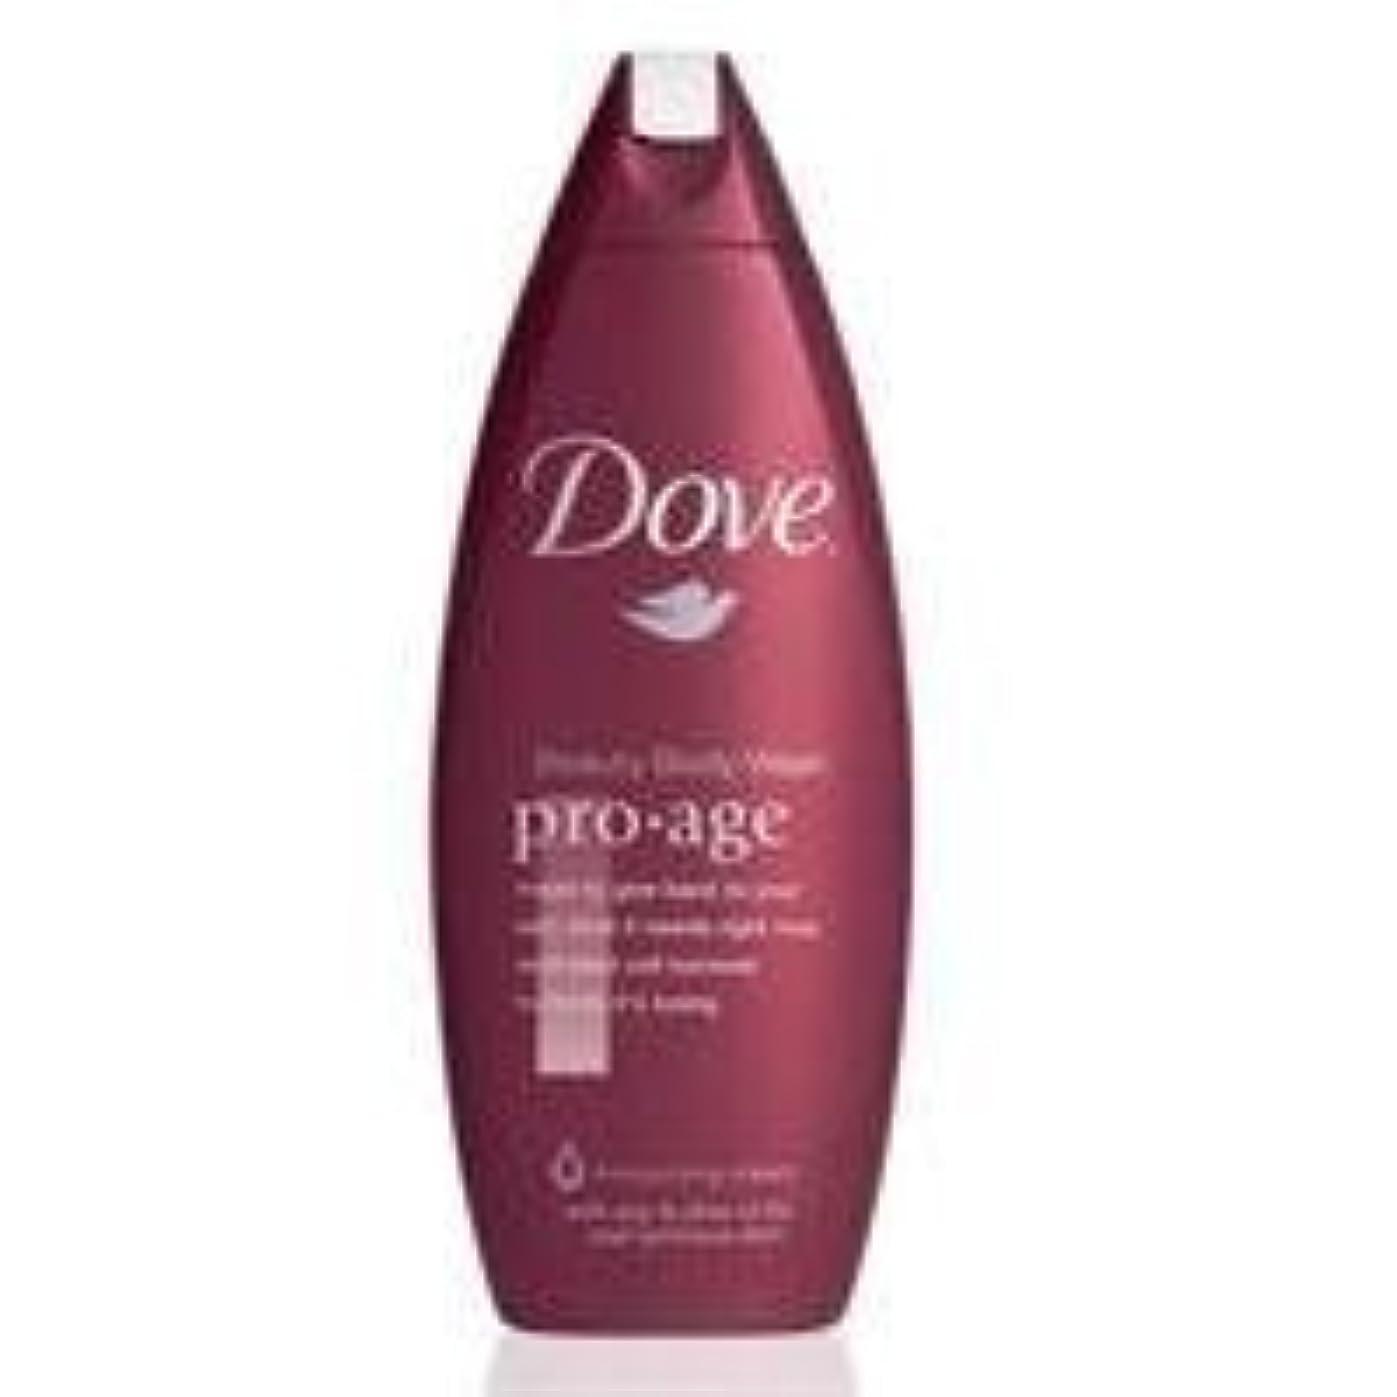 動かす恐れるクリアDove Pro-Age Beauty Care Body Wash by Dove [並行輸入品]